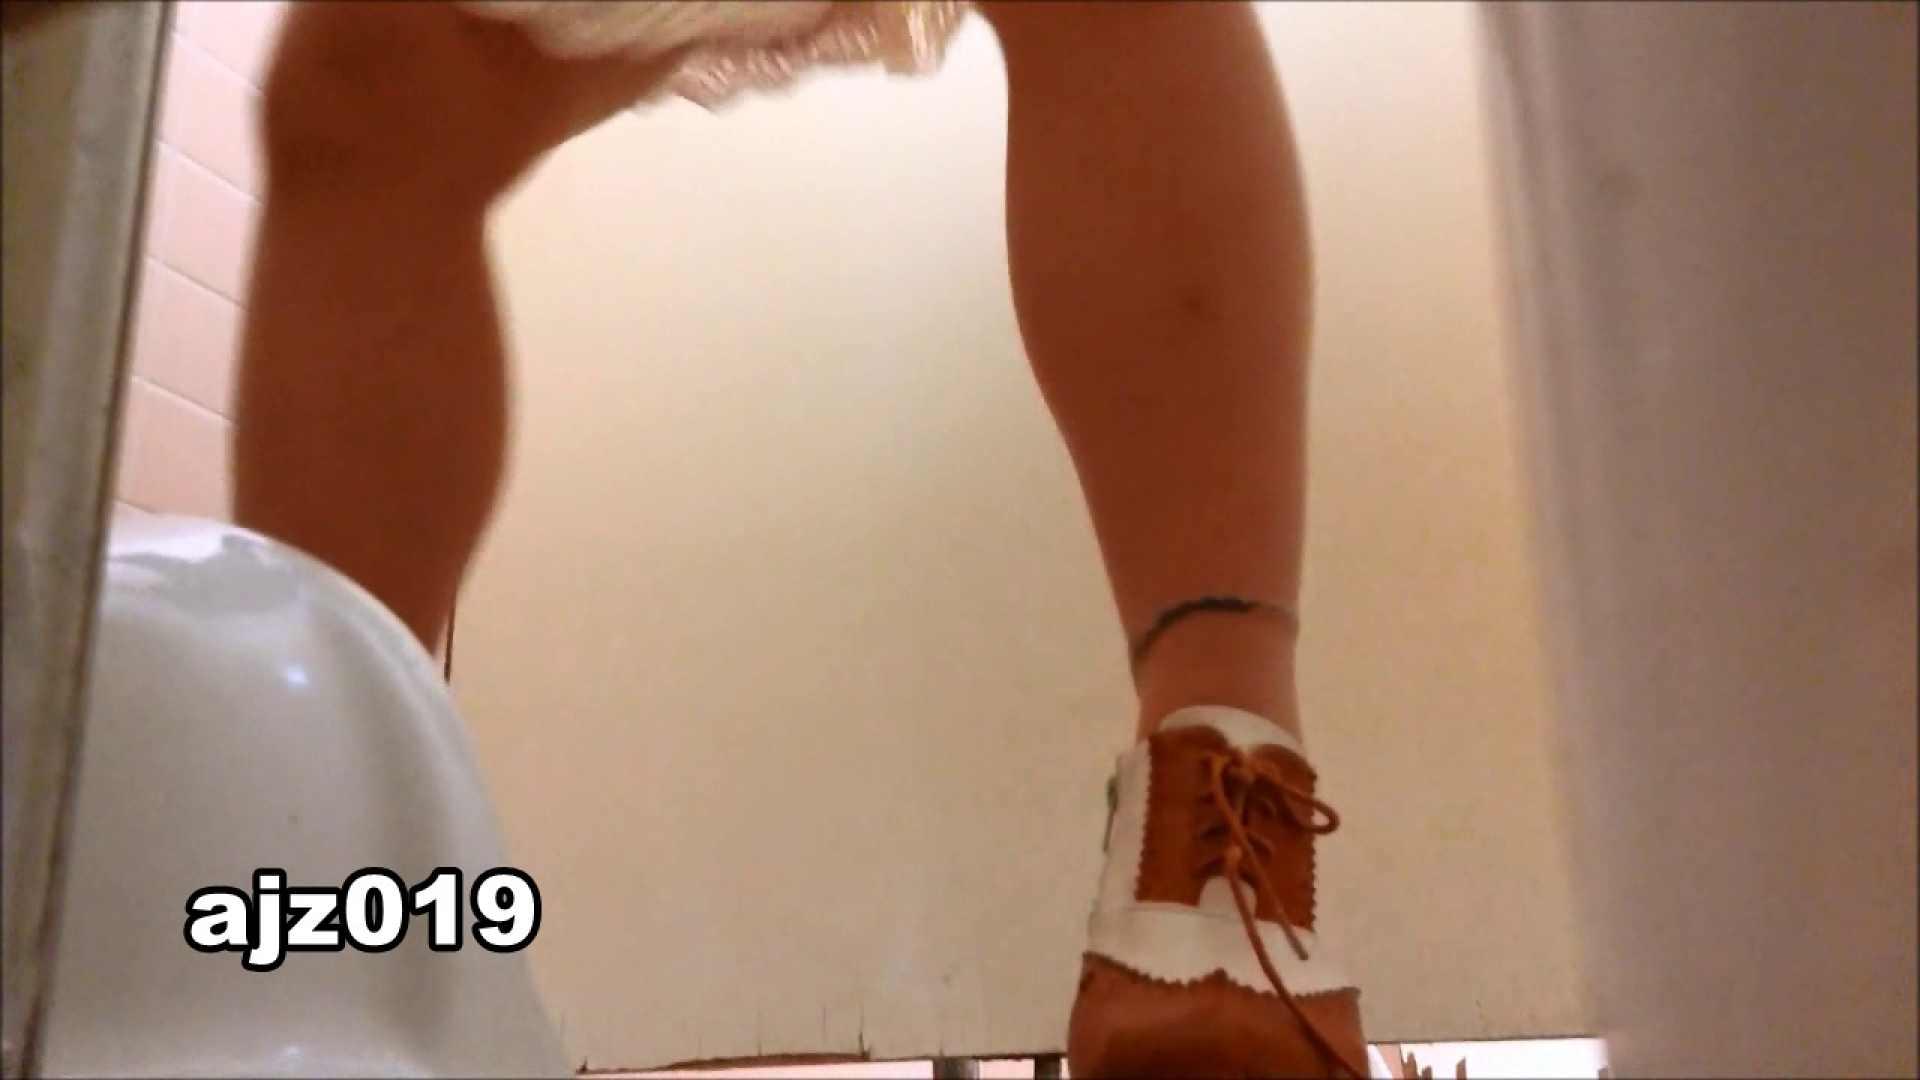 某有名大学女性洗面所 vol.19 和式 | 潜入  109PICs 37